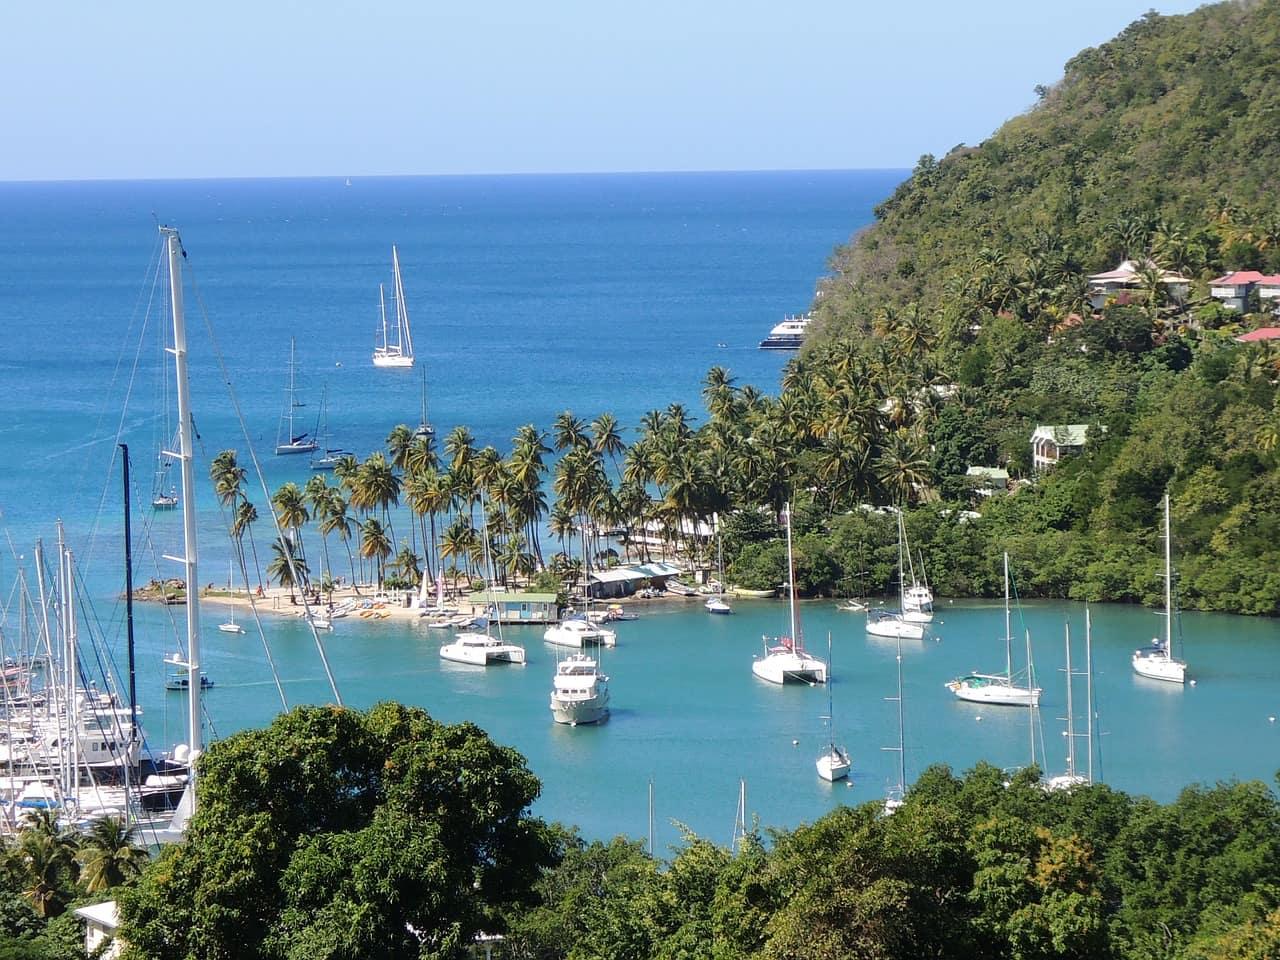 isla de santa lucía, en el Caribe